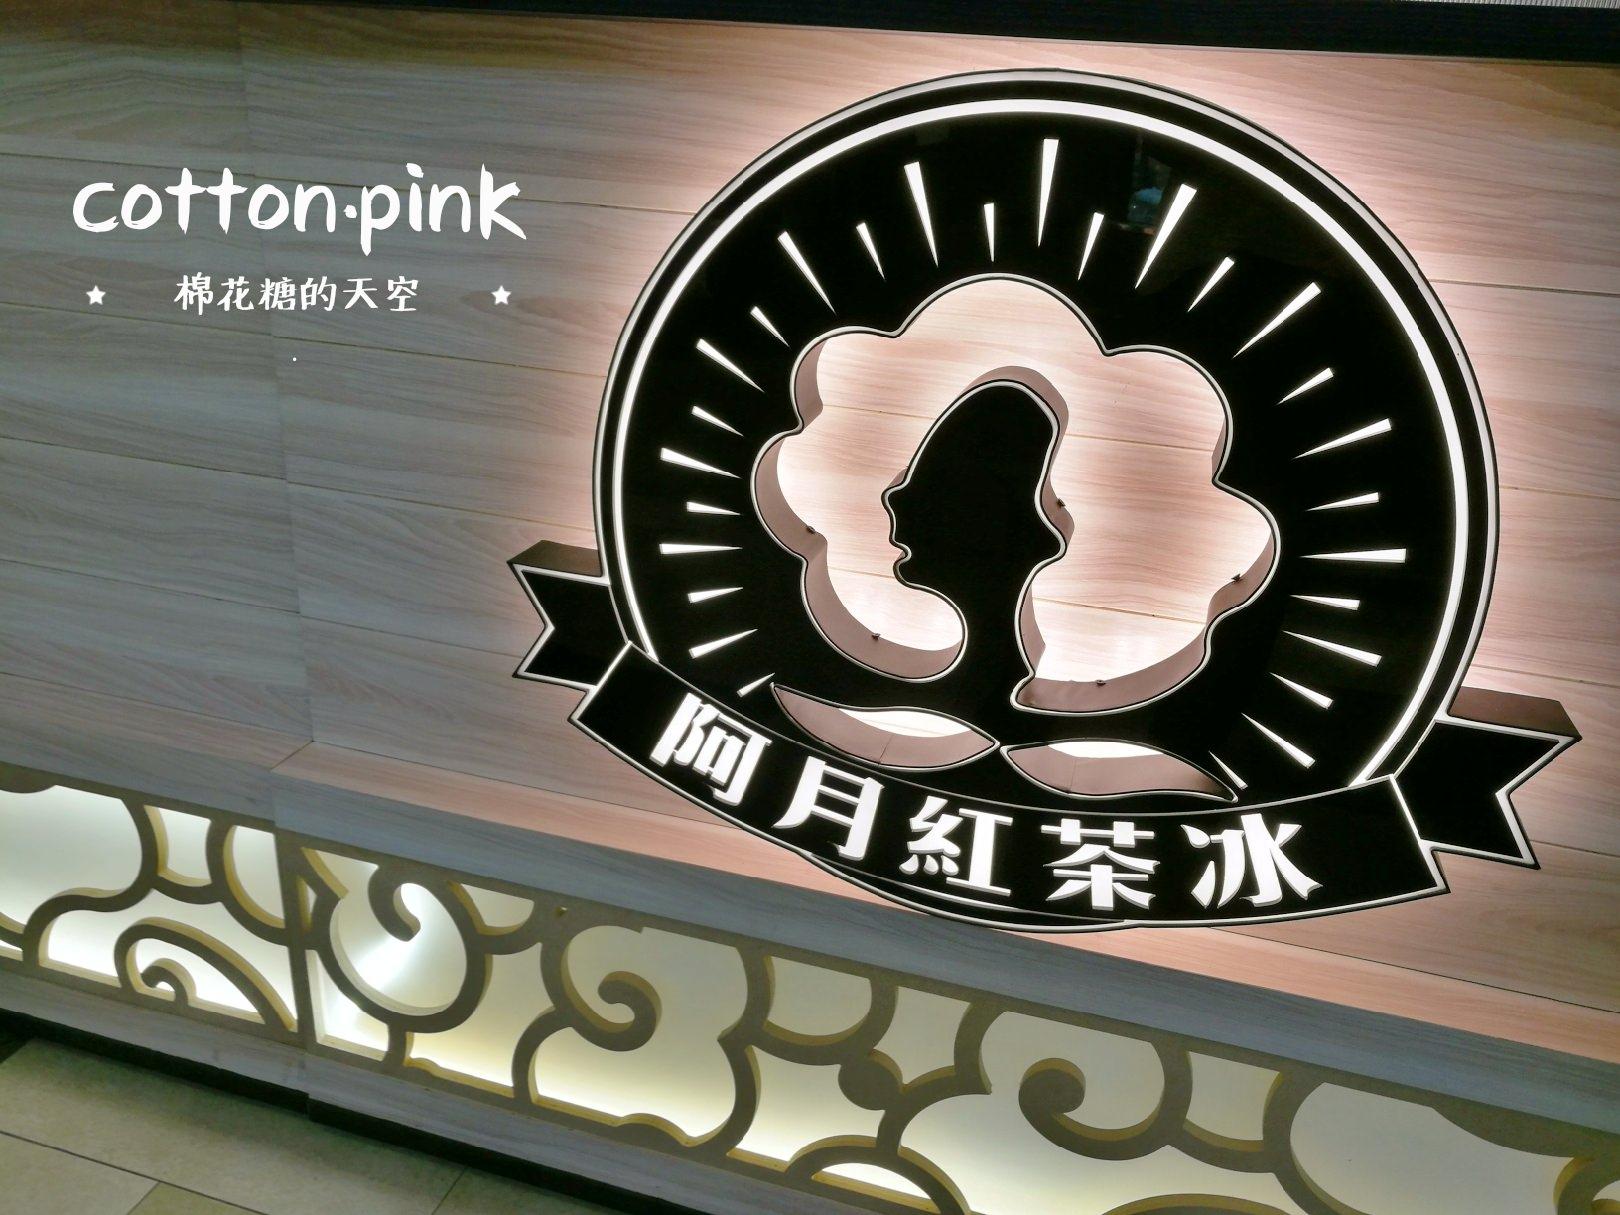 20181006213247 46 - 一中必喝阿月紅茶冰進軍中友百貨!